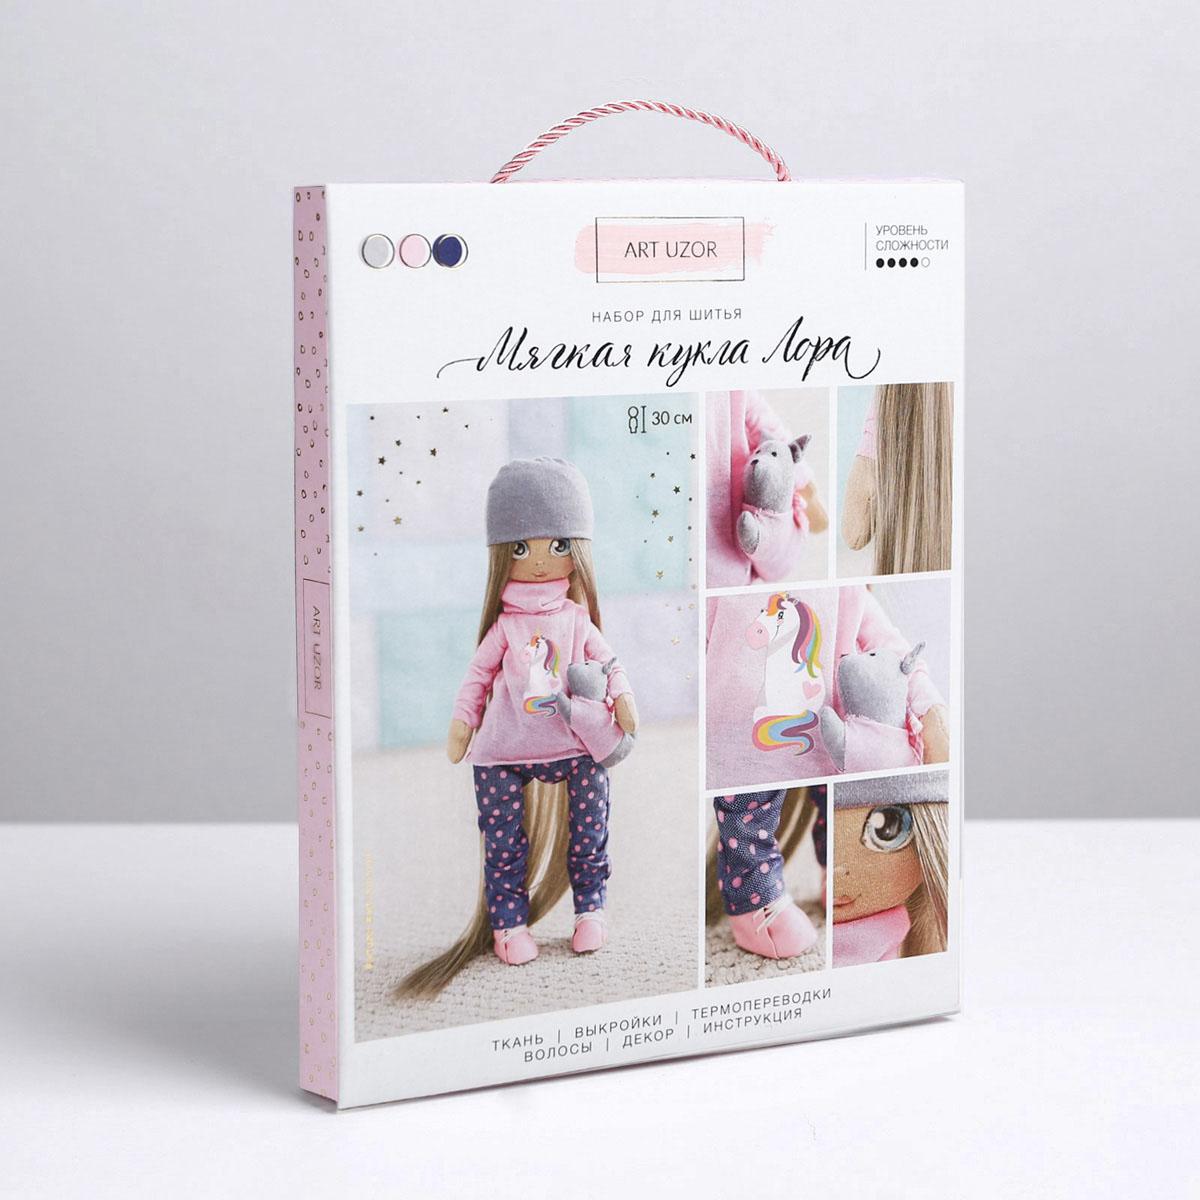 3548678 Интерьерная кукла 'Лора', набор для шитья, 18 * 22.5 * 2.5 см